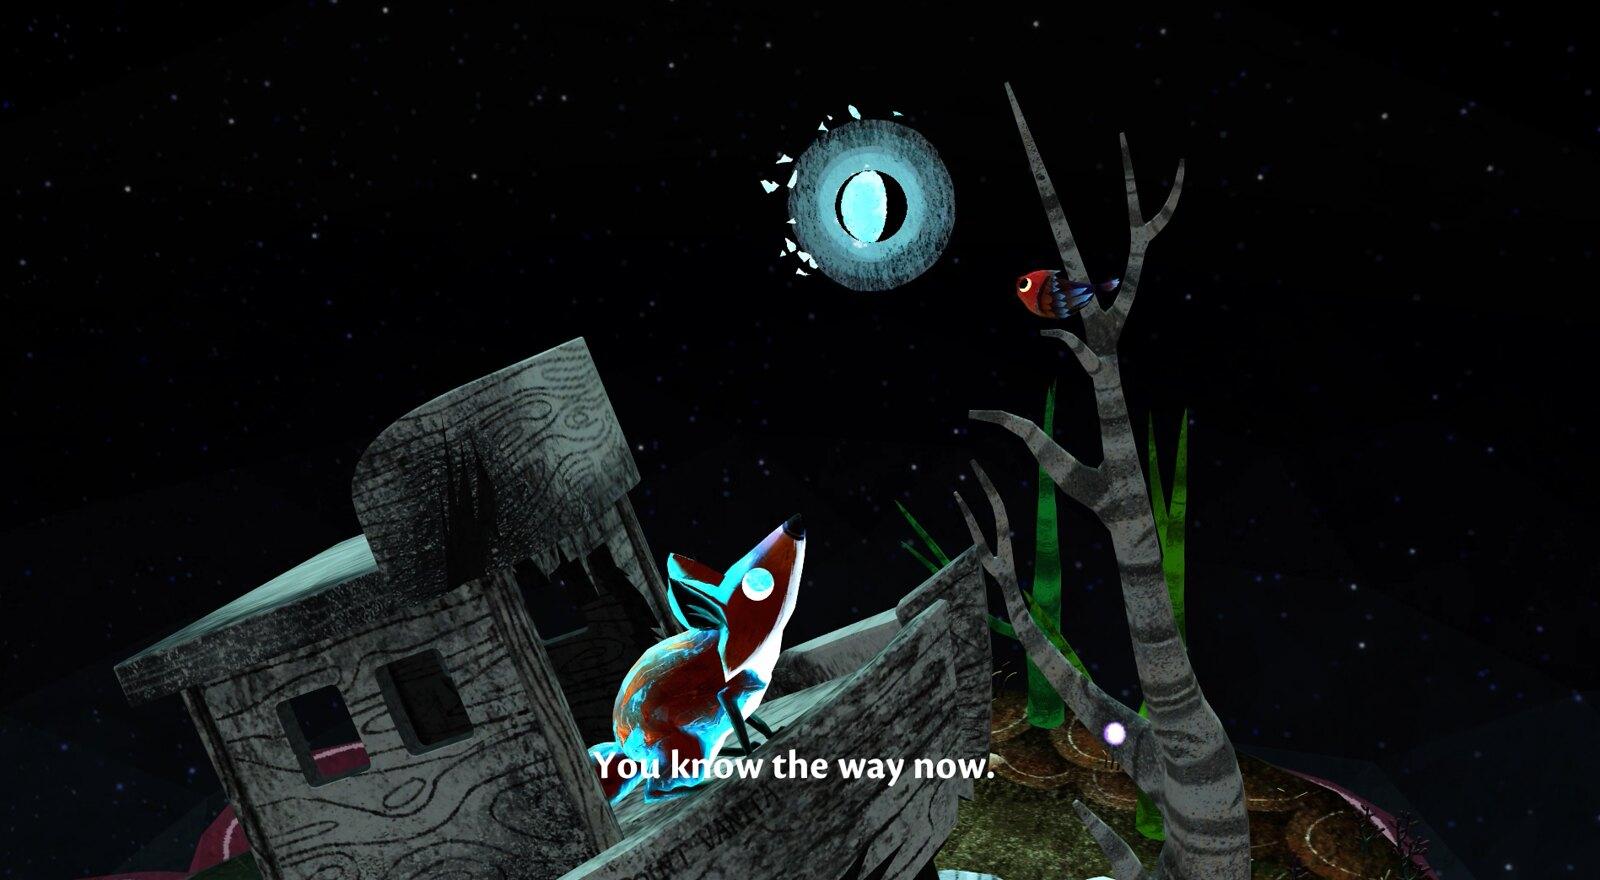 47114446314 d15039dafe h - Luna ist ab Juni auf PS4 und PSVR verfügbar